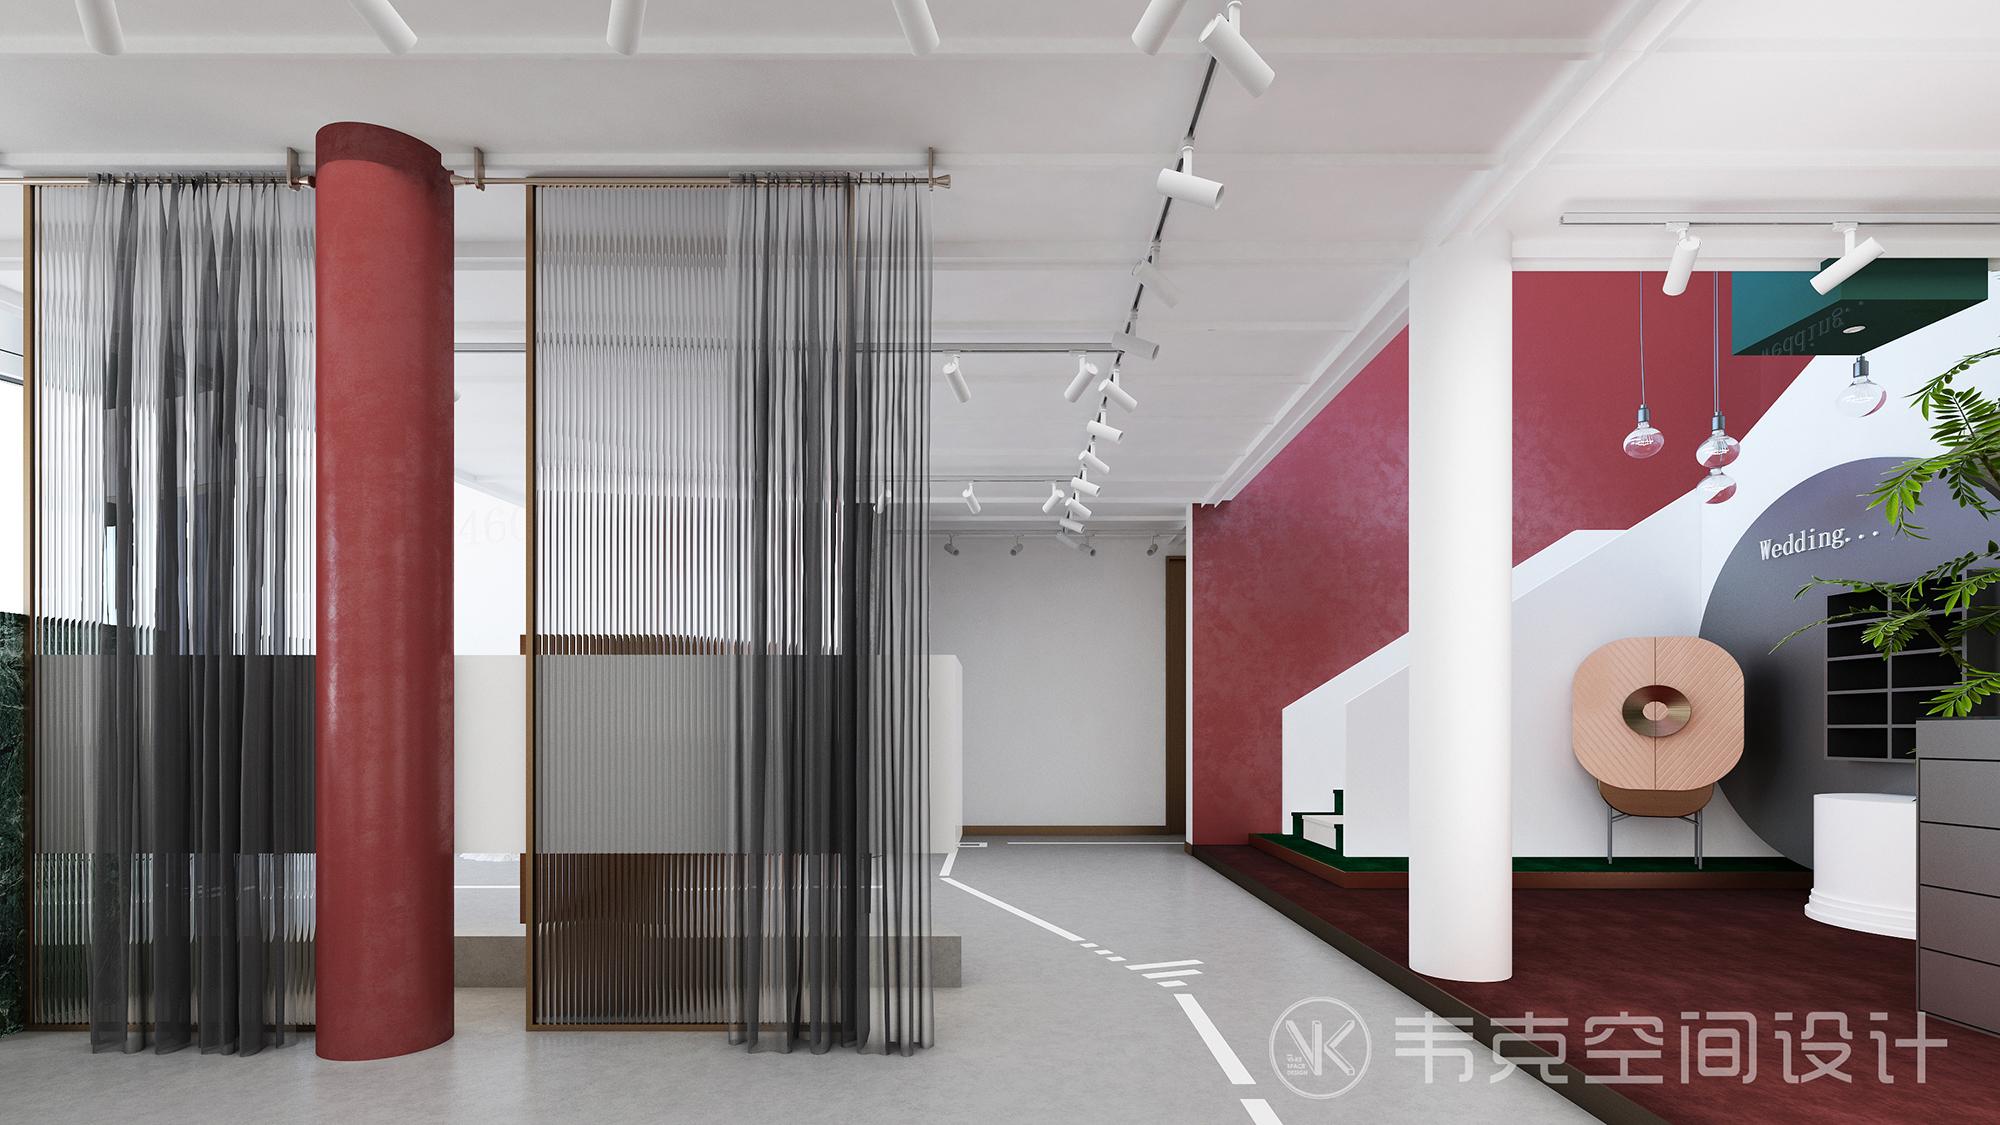 客厅图片来自韦克空间设计在韦克丨颜值美学·以匠心致真心的分享